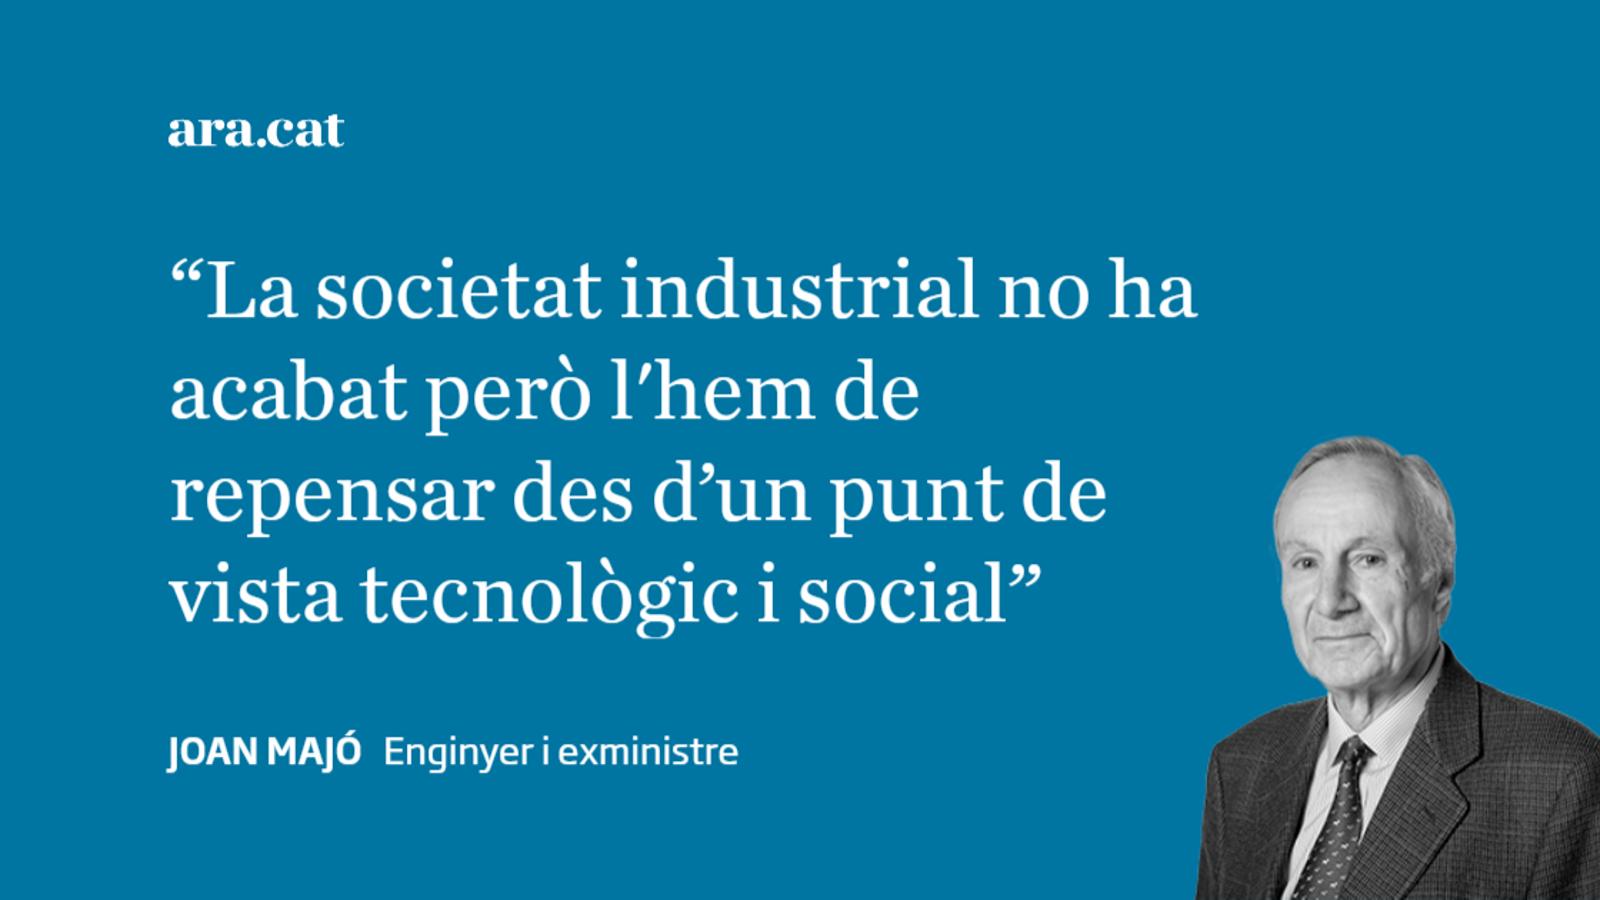 Nova societat industrial: propietat i accés